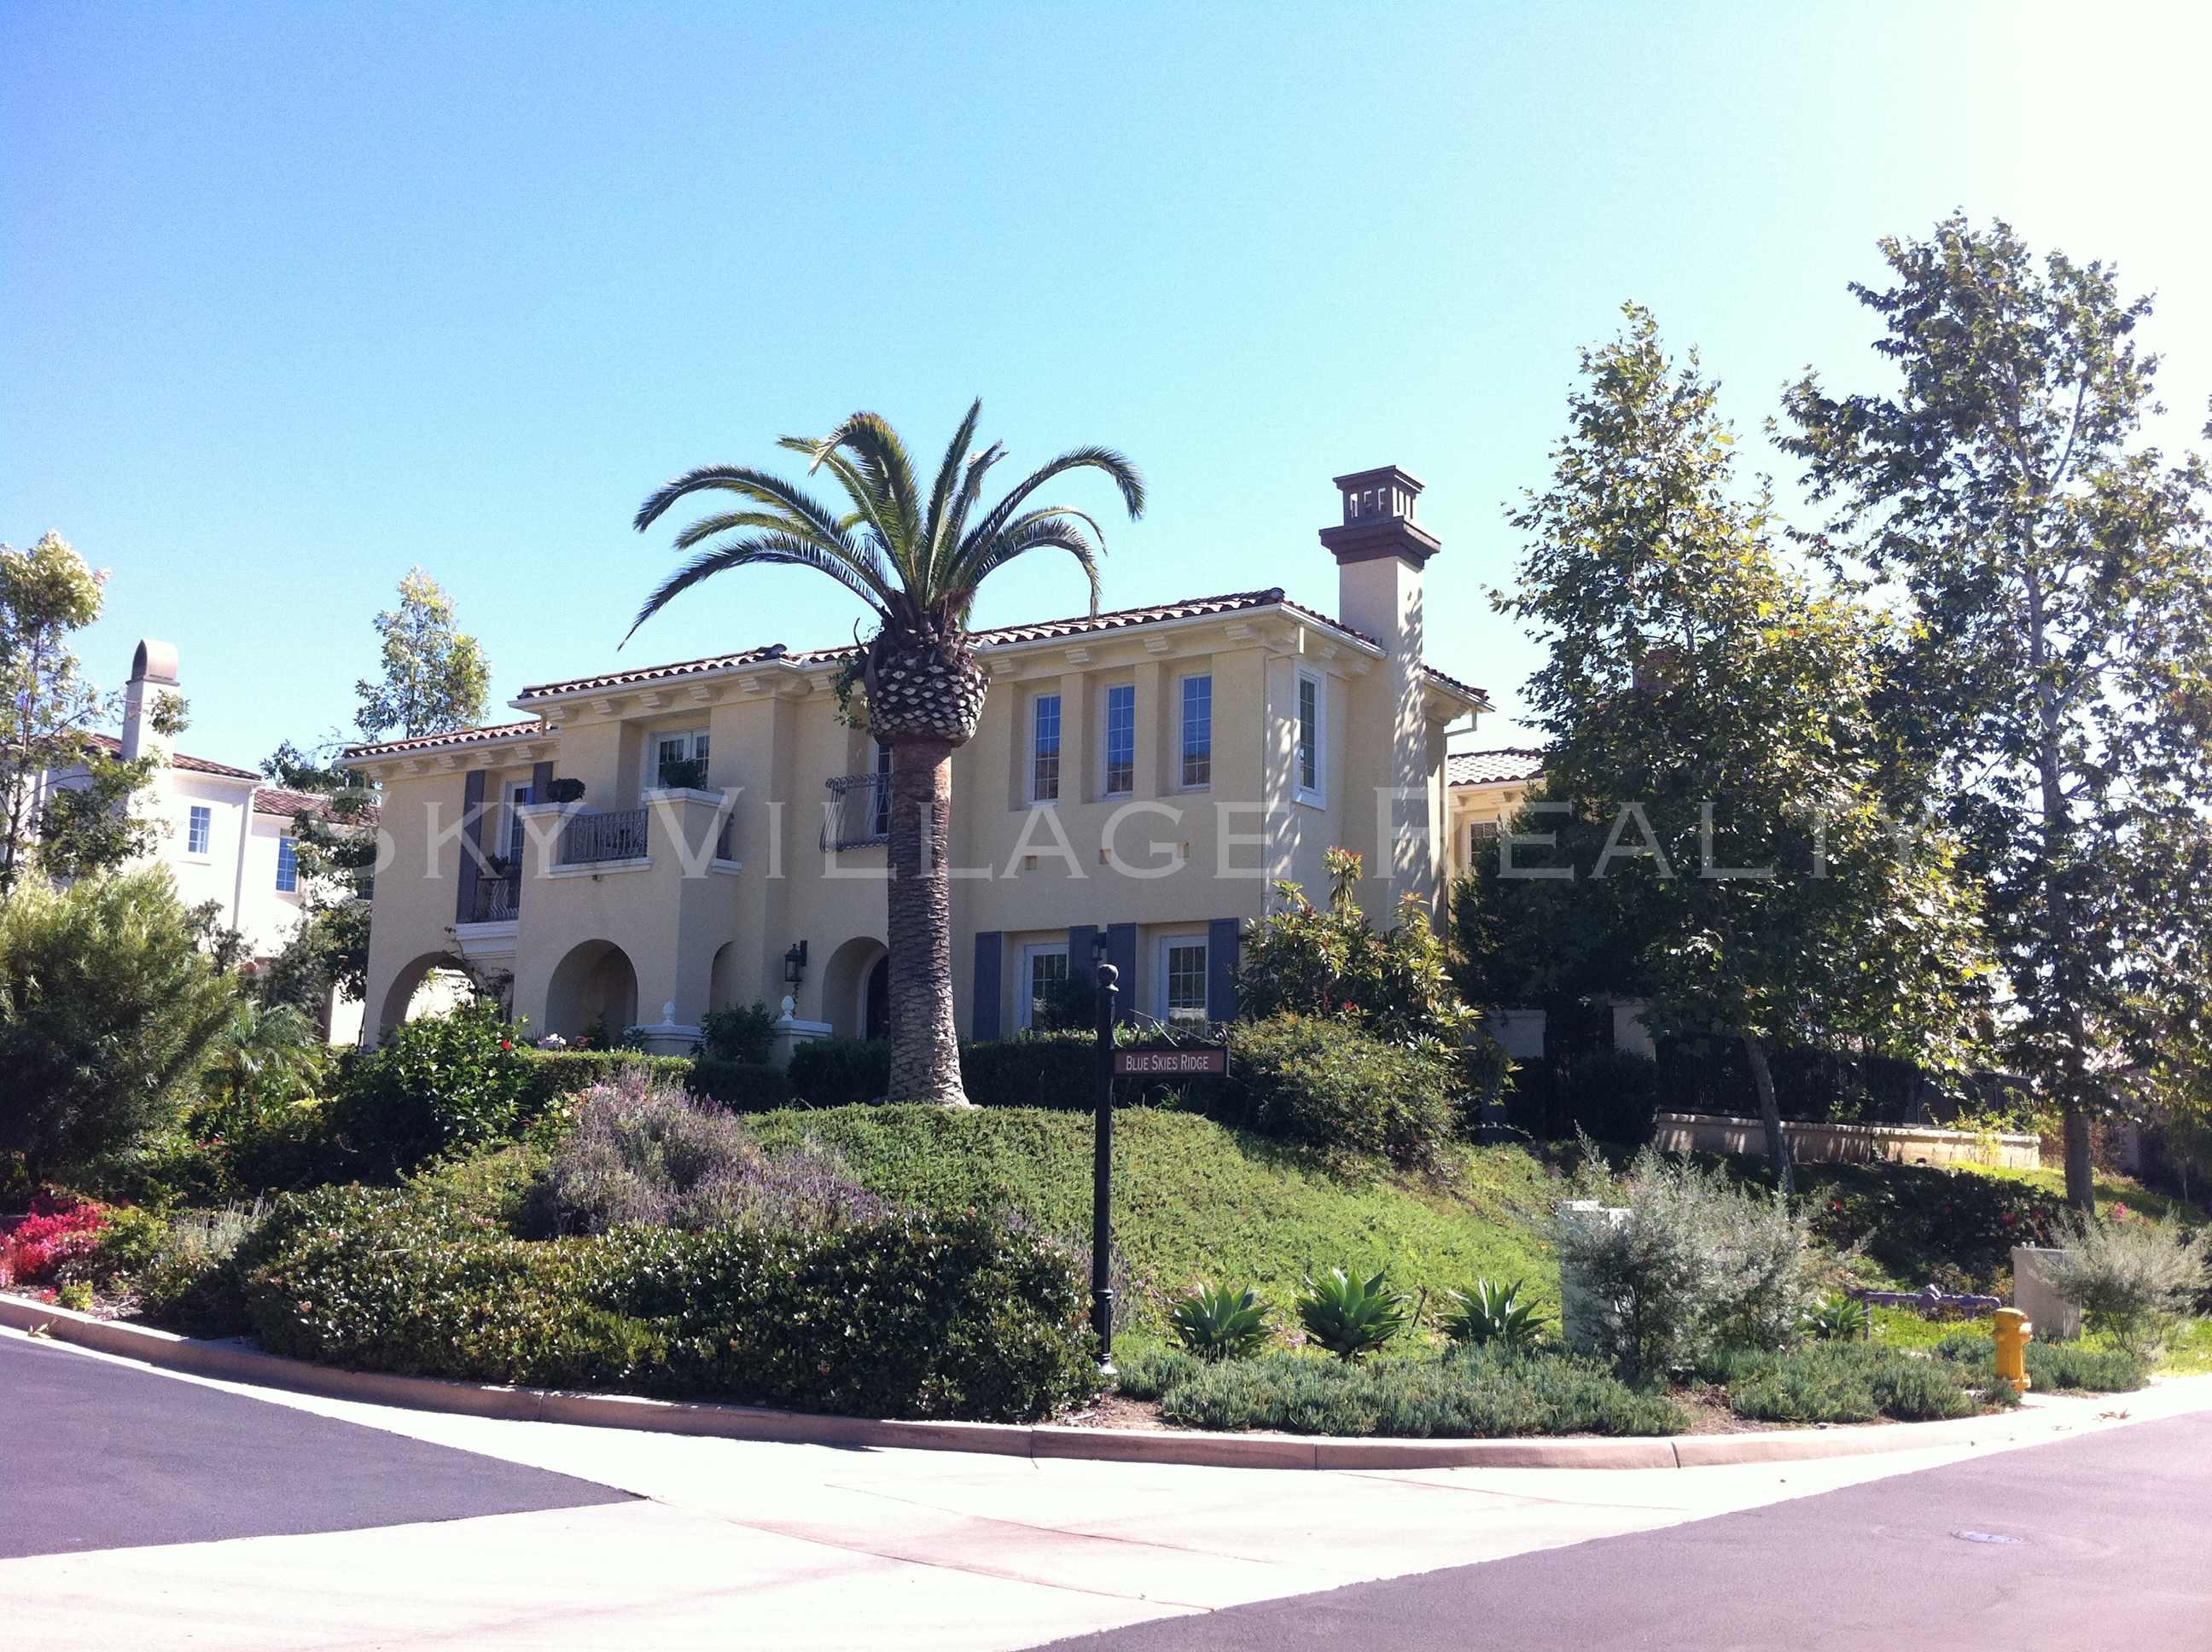 Rancho Santa Fe Homes Sales 2012